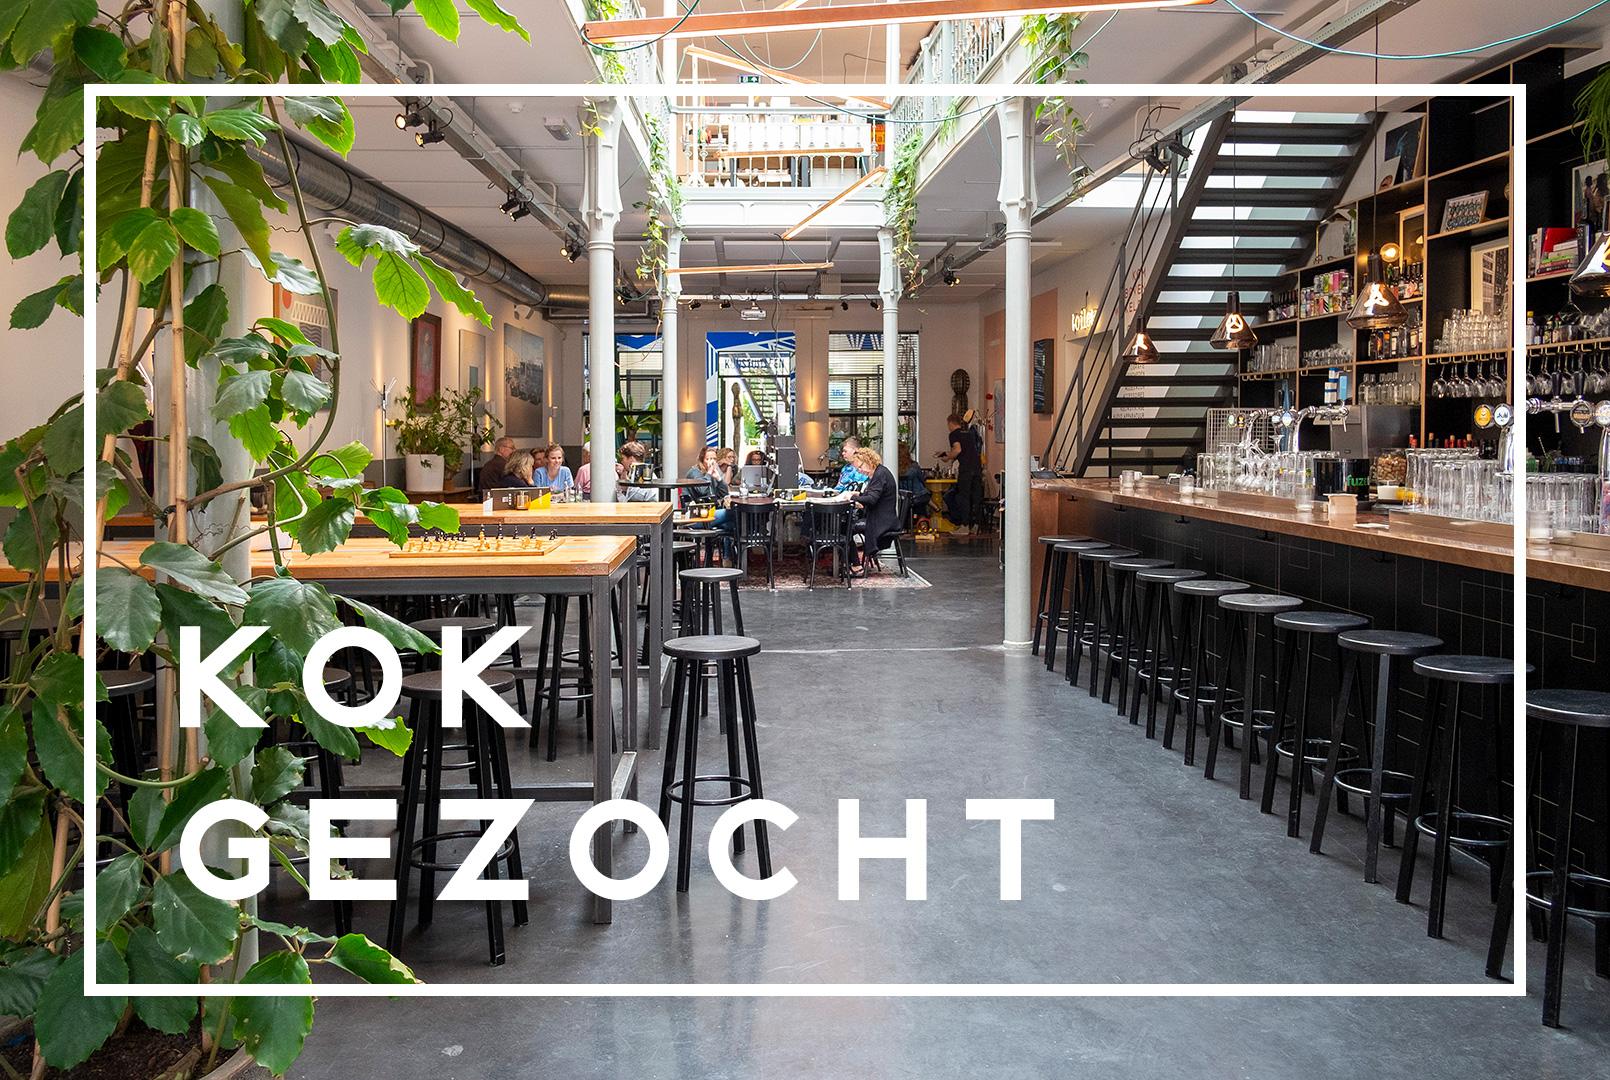 Kok gezocht | Restaurant Het Magazijn | Dordrecht onder één dak